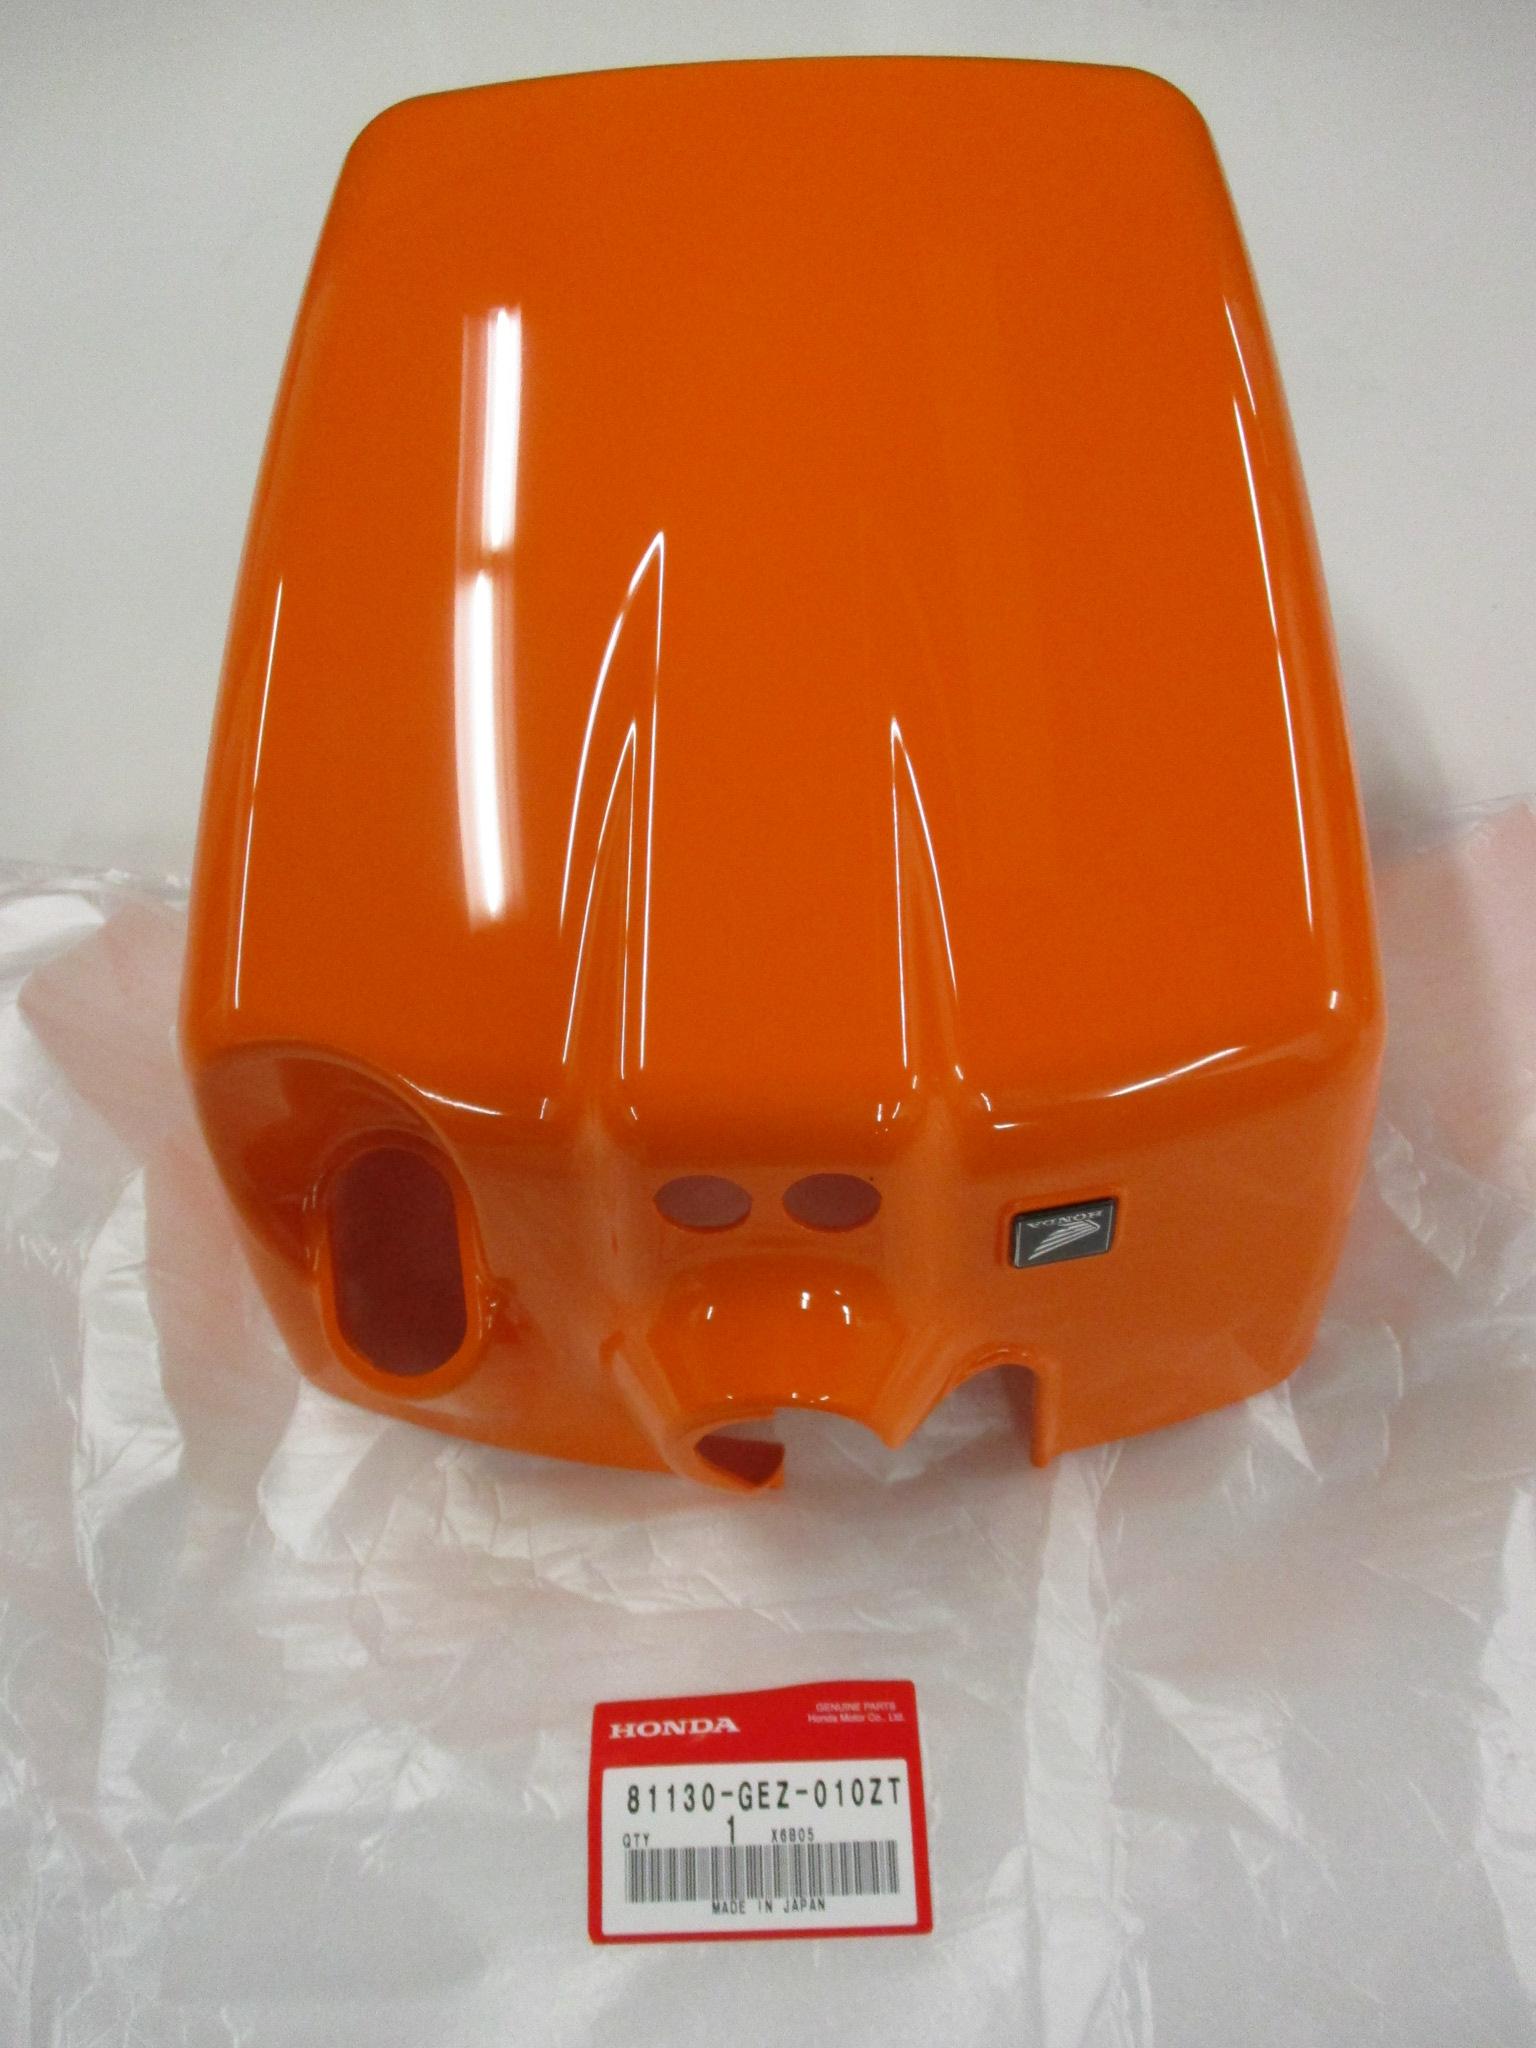 HONDA NPS50 RUCKUS BATTERY PLASTIC ORANGE 64300-GGA-650ZC 81130-GEZ-010ZT